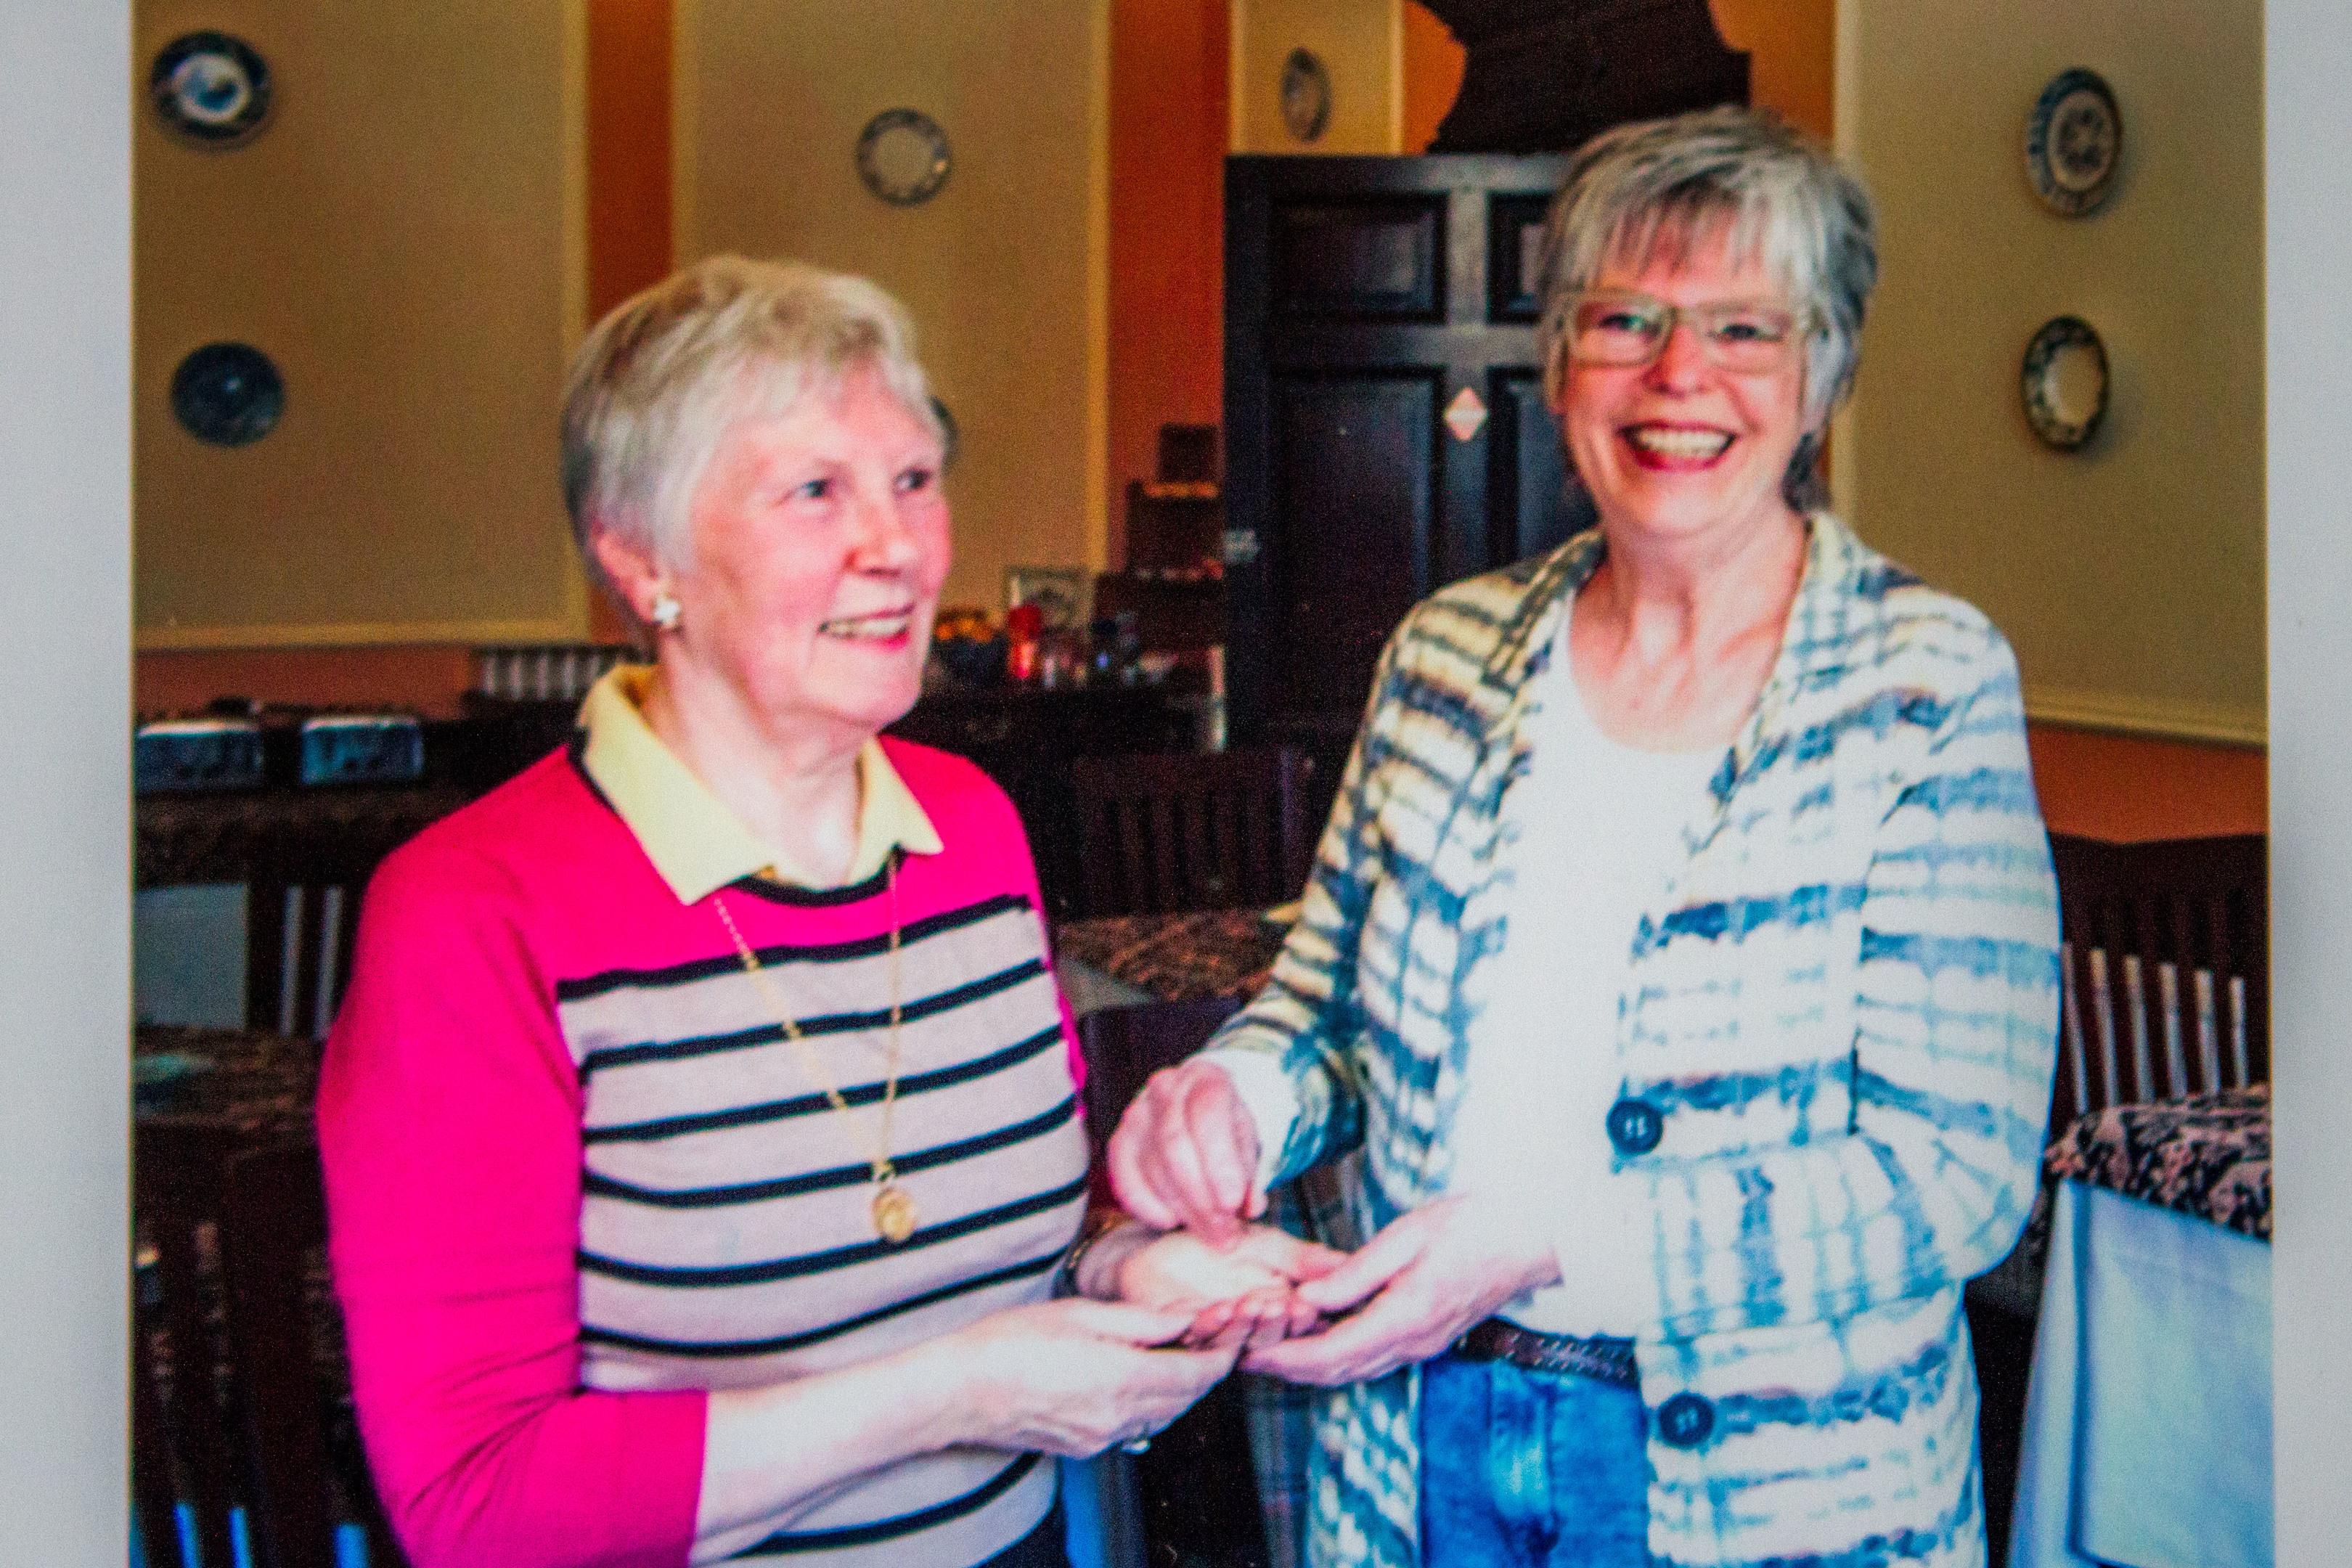 Maureen Irvine (left) receiving the piece from Elly Zwaansdijk